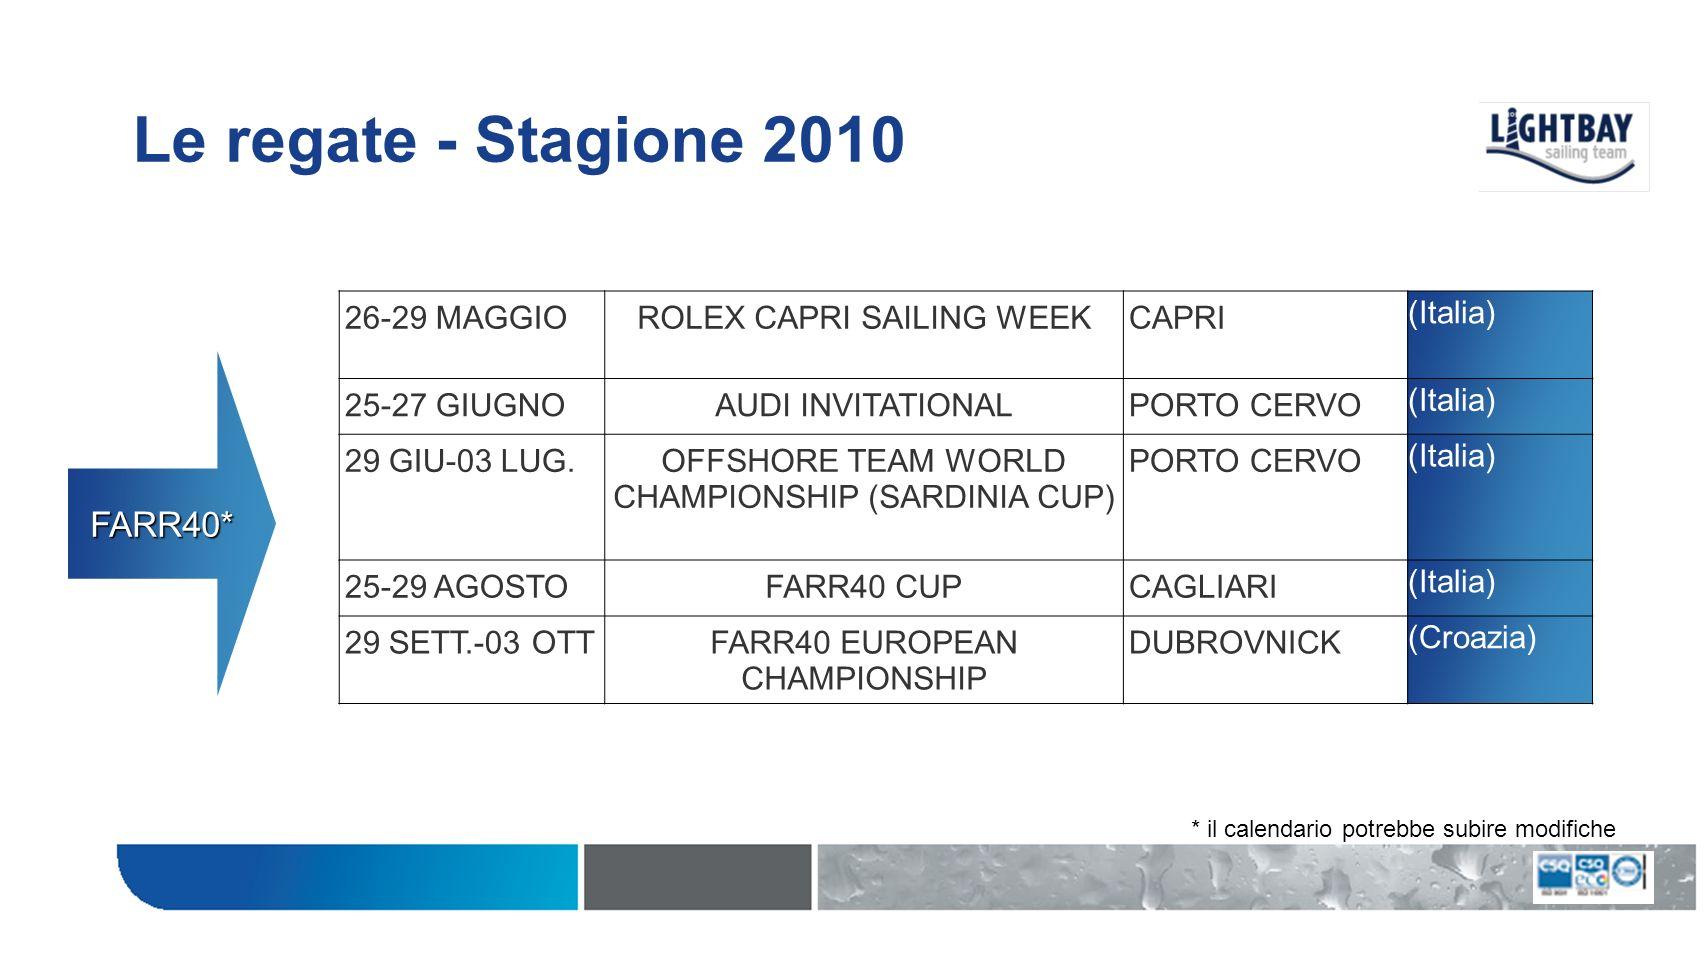 Le regate - Stagione 2010 16-18 LUGLIOAUDI Cup 4^ TAPPAMALCESINE (Italia) 3-7 AGOSTOCOPA DE REYPALMA DE MAIORCA (Spagna) 15-19 SETTEMBRESAN FRANCISCO BIG BOATS SERIES SAN FRANCISCO (USA) 22-26 SETTEMBREMELGES32 WORLD CHAMPIONSHIP SAN FRANCISCO (USA) 3-5 DICEMBREGOLD CUPFT.